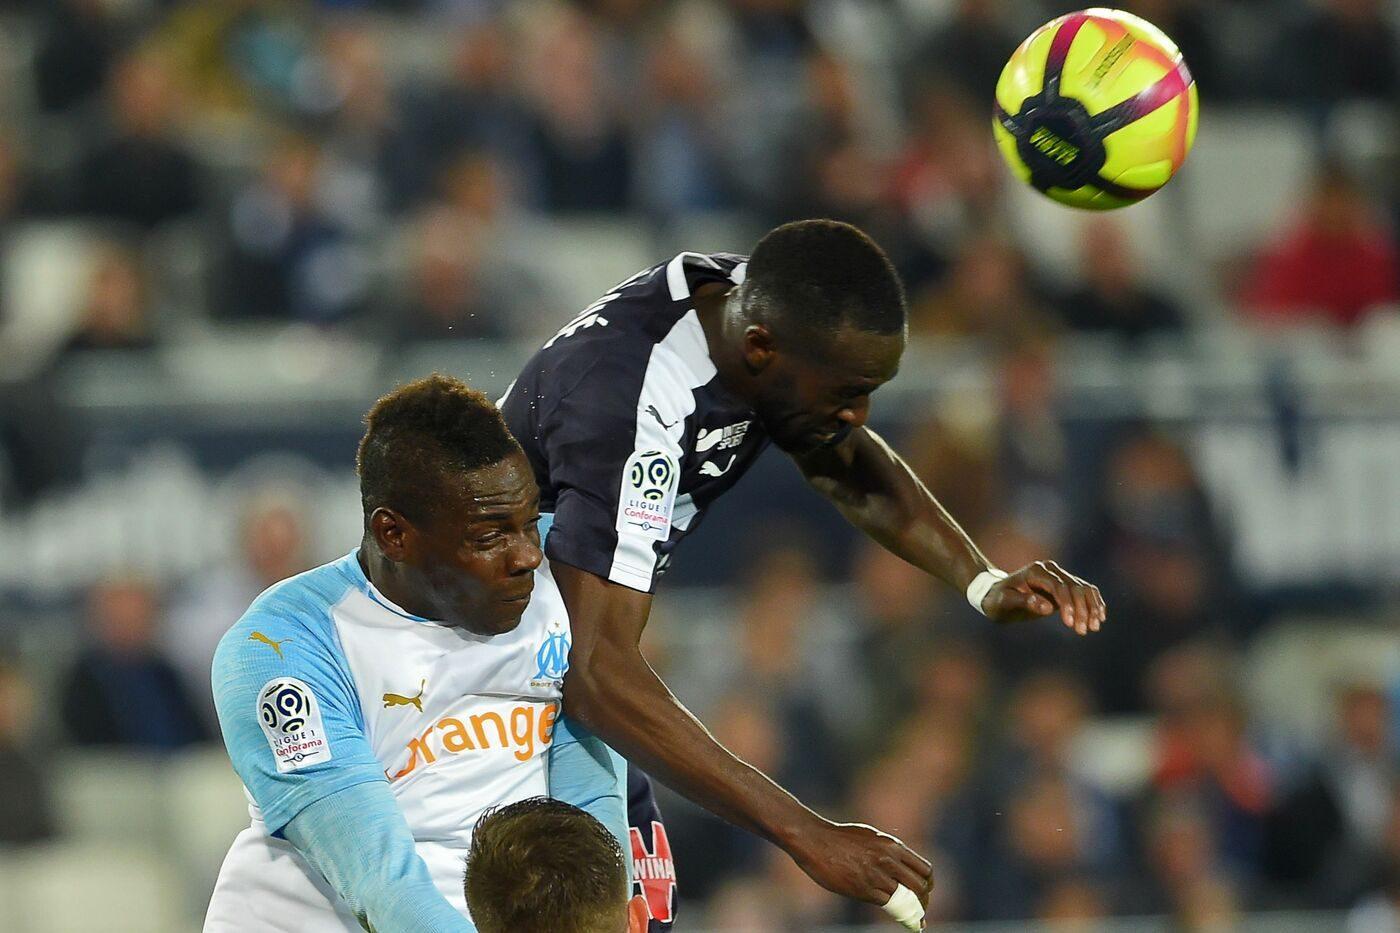 Ligue1, Marsiglia ko e Balotelli si innervosisce: sfiorata la rissa in campo